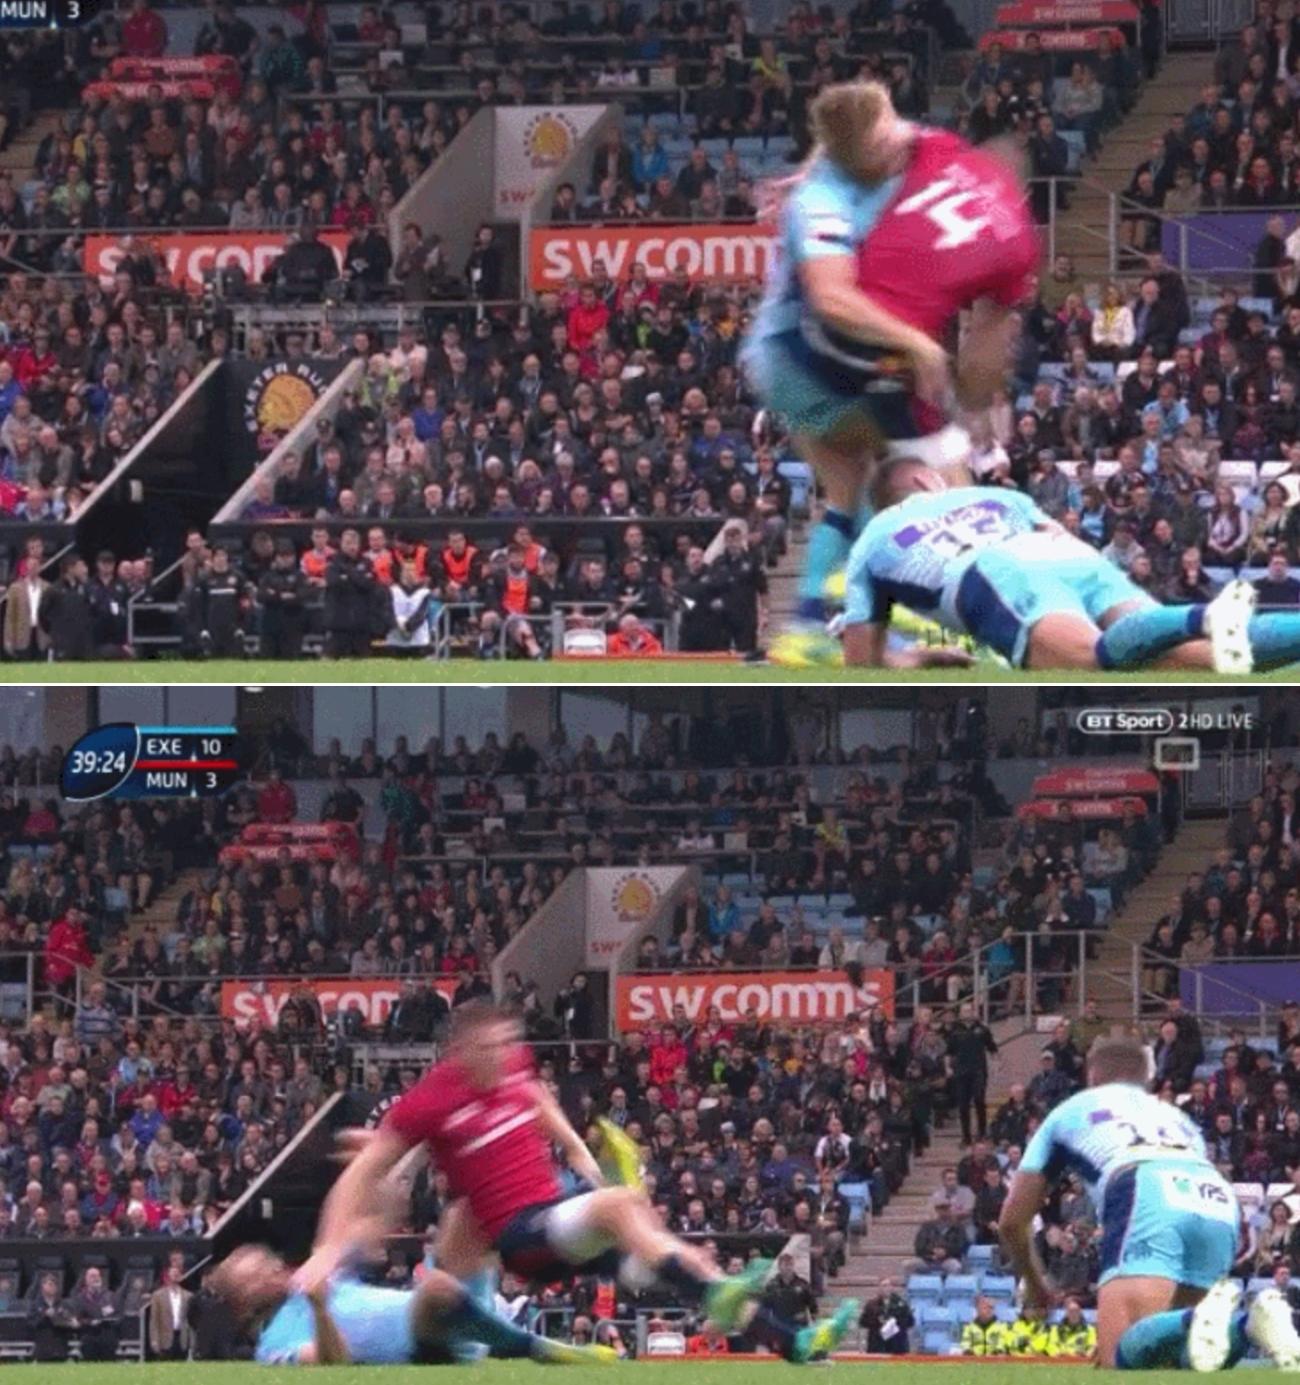 Rugby - Coupes d'Europe - La charge insensée sur une tentative de transformation (vidéo)